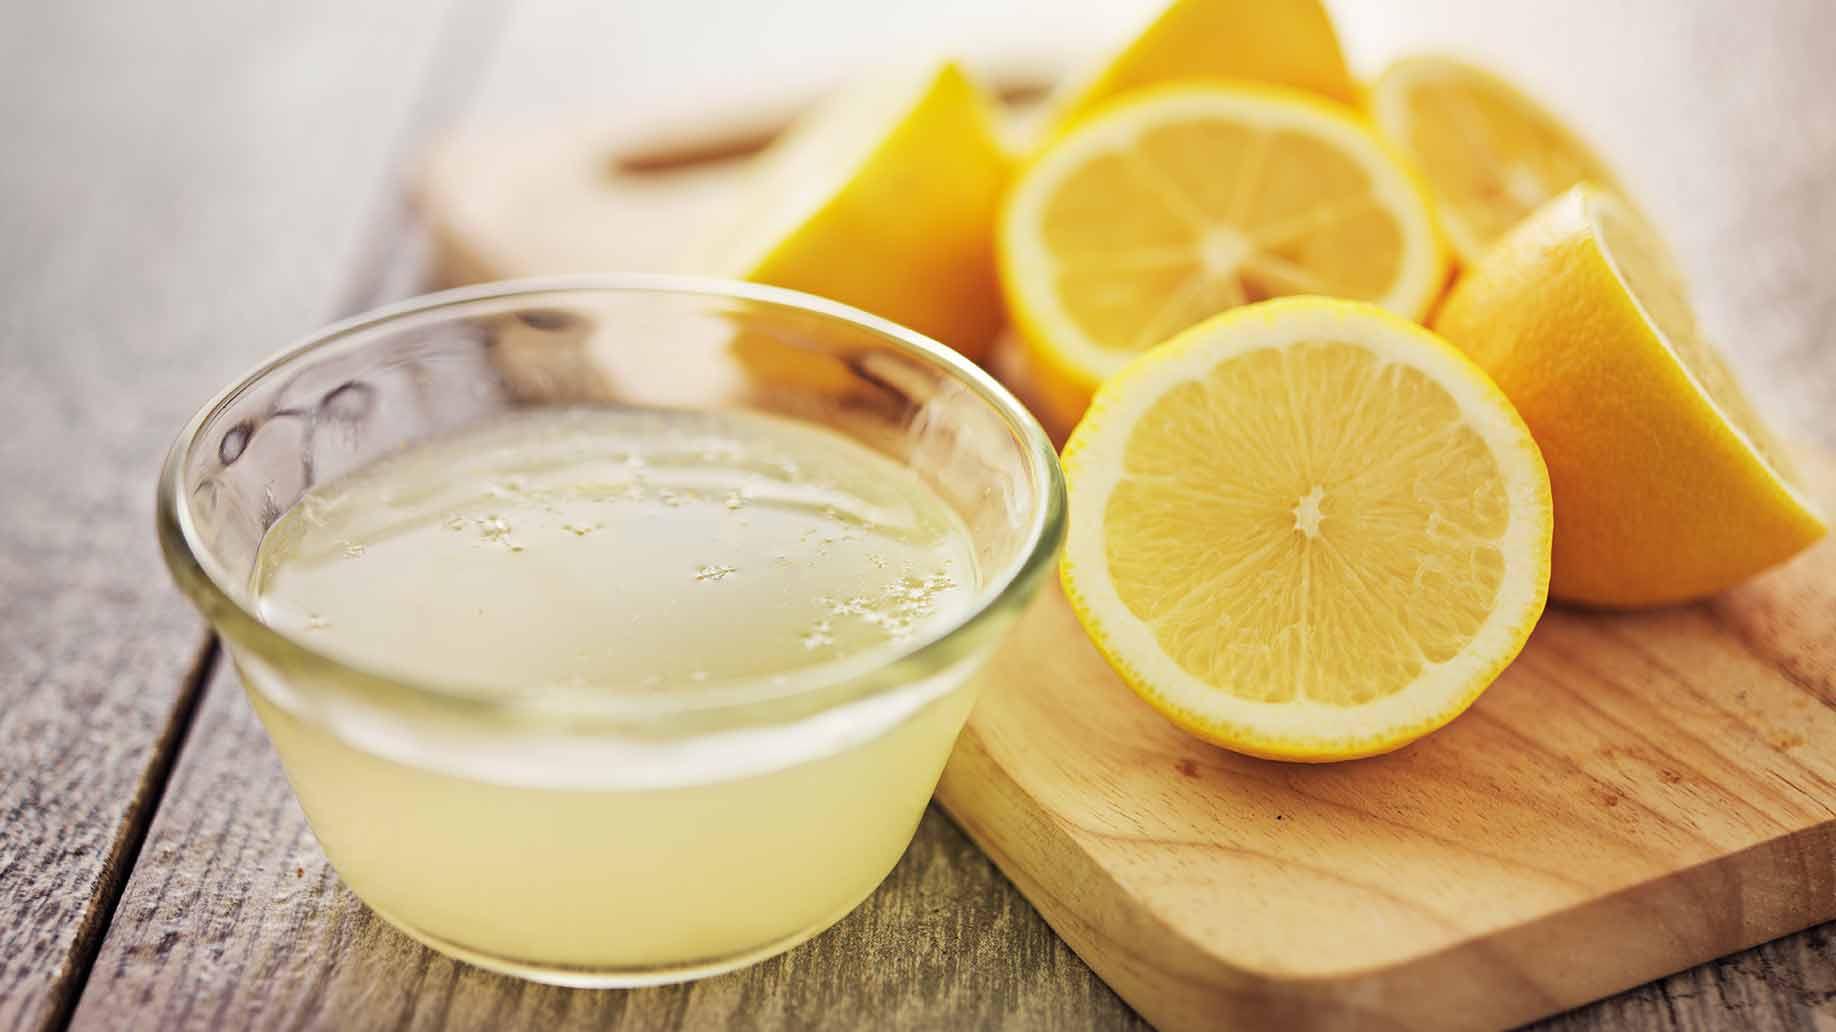 Χυμός λεμονιού σε μπολ και κομμένα λεμόνια